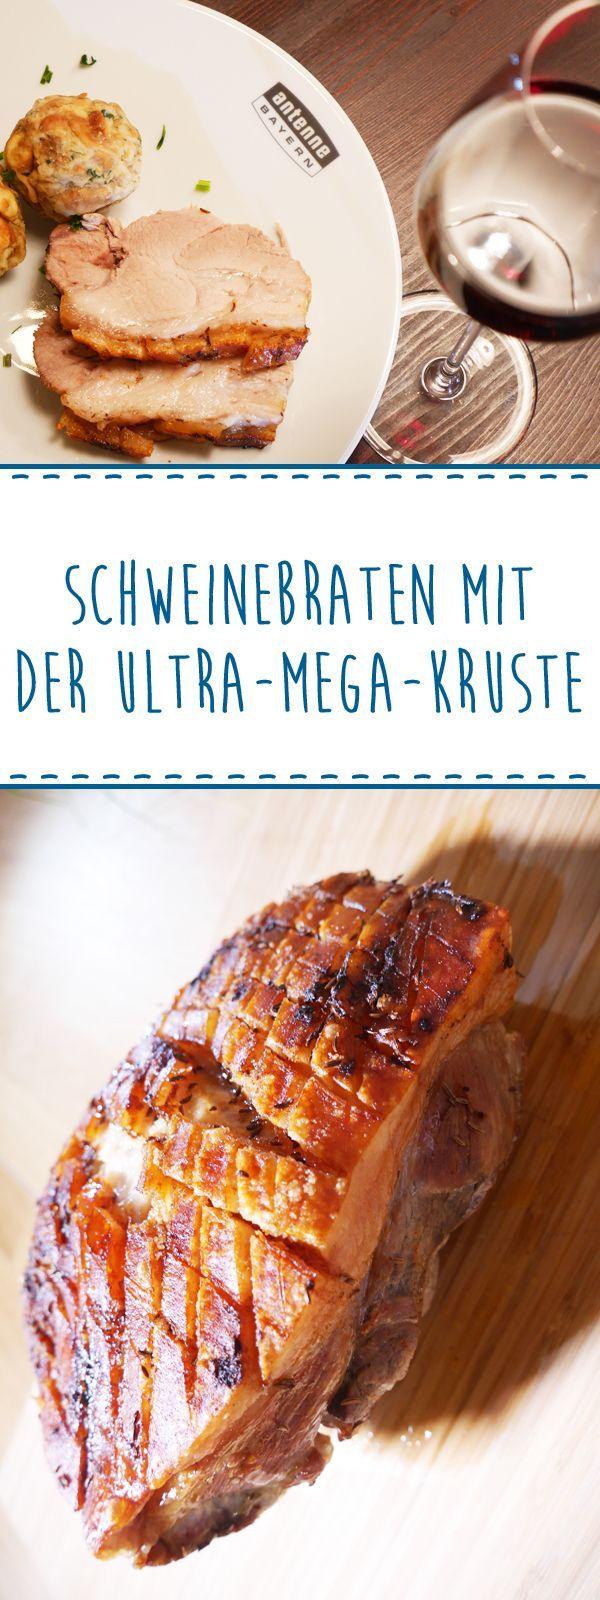 Photo of Ratz Fatz: Schweinebraten mit Ultra-Mega-Kruste